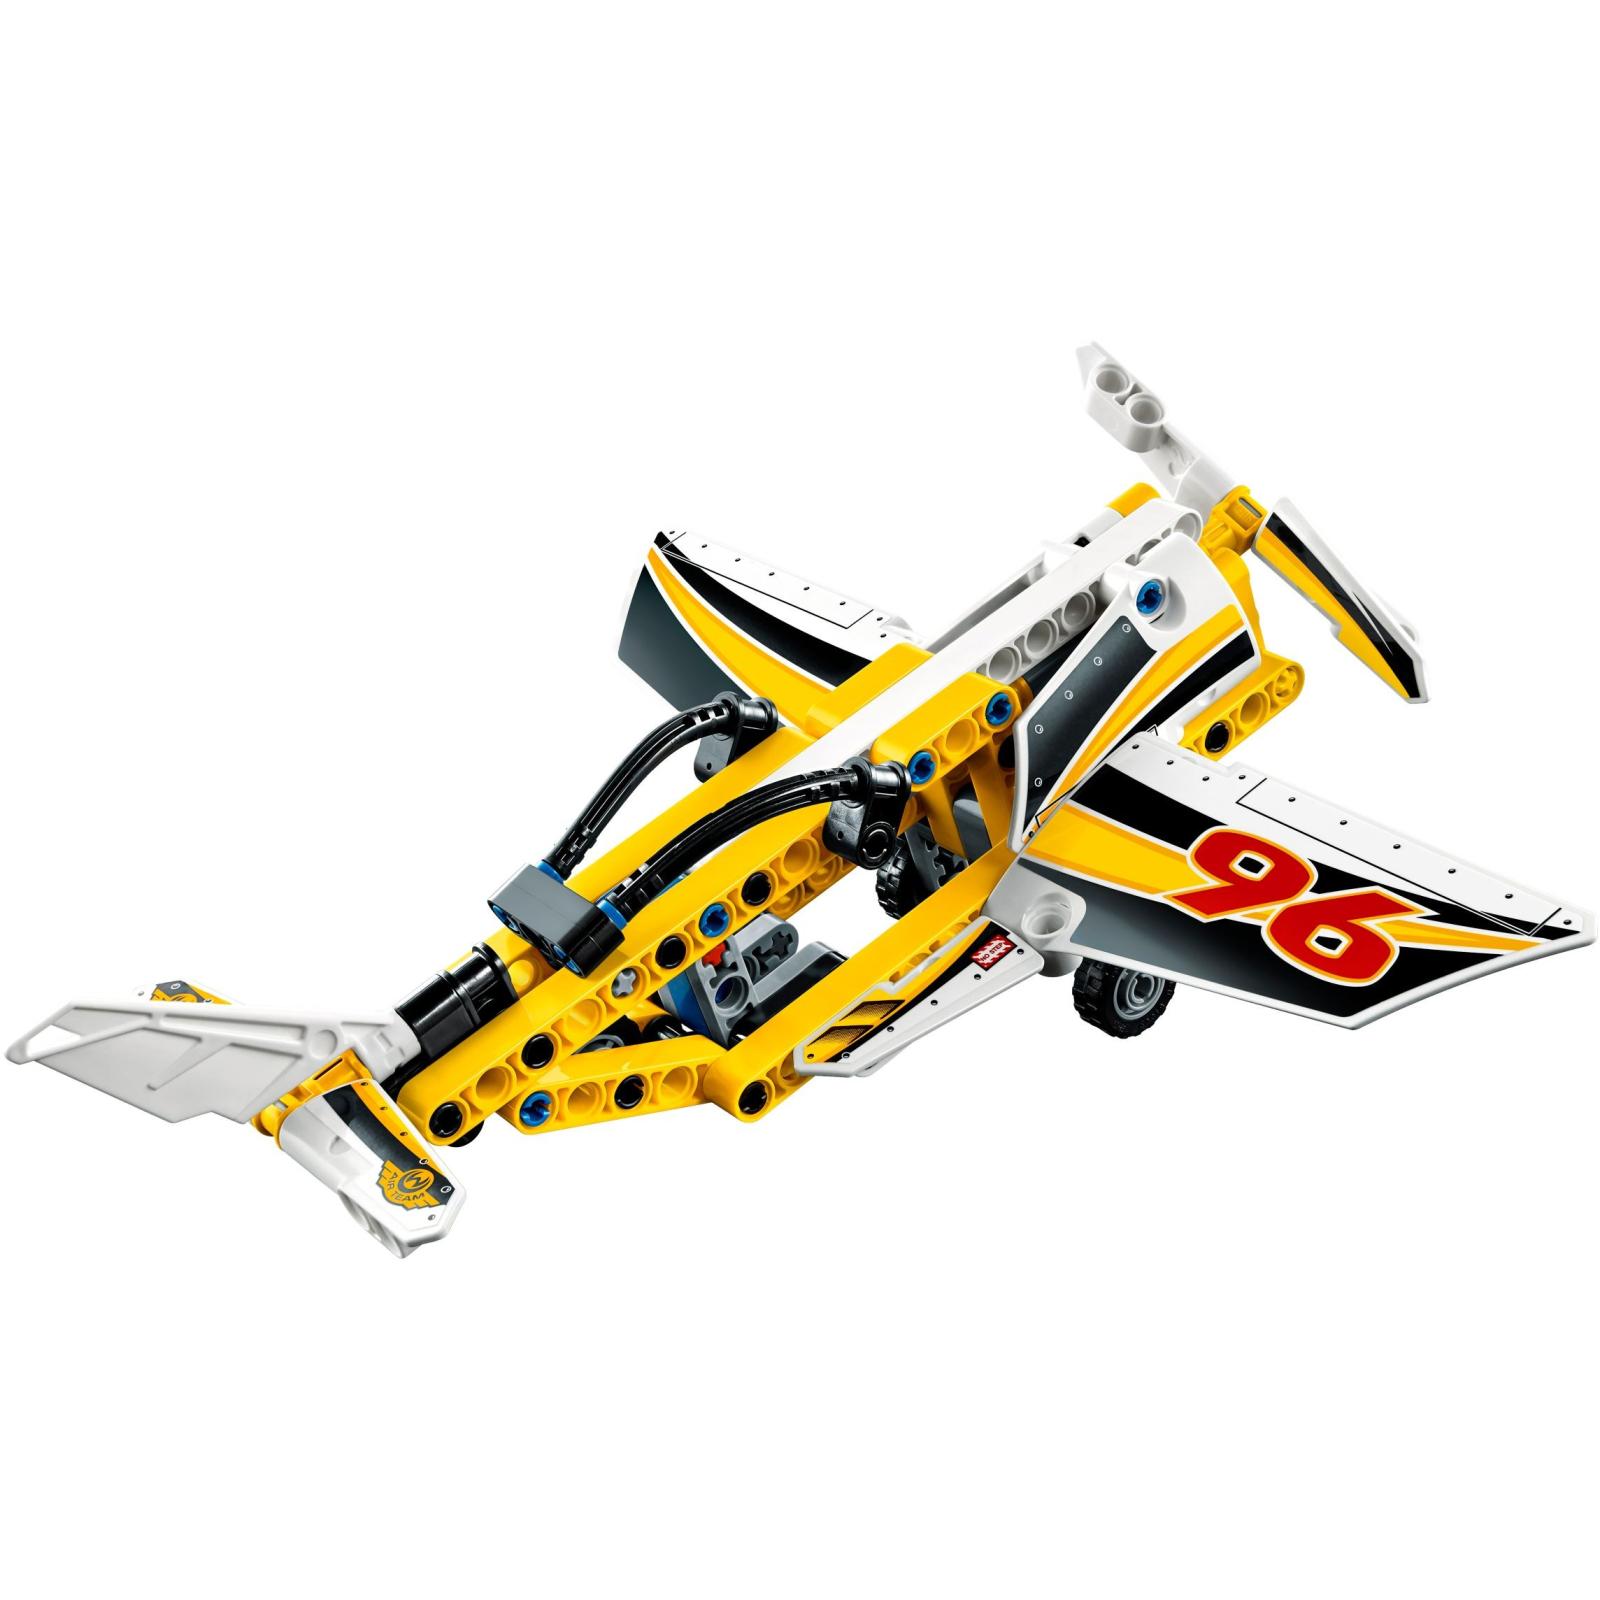 Конструктор LEGO Technic Самолёт пилотажной группы (42044) изображение 4